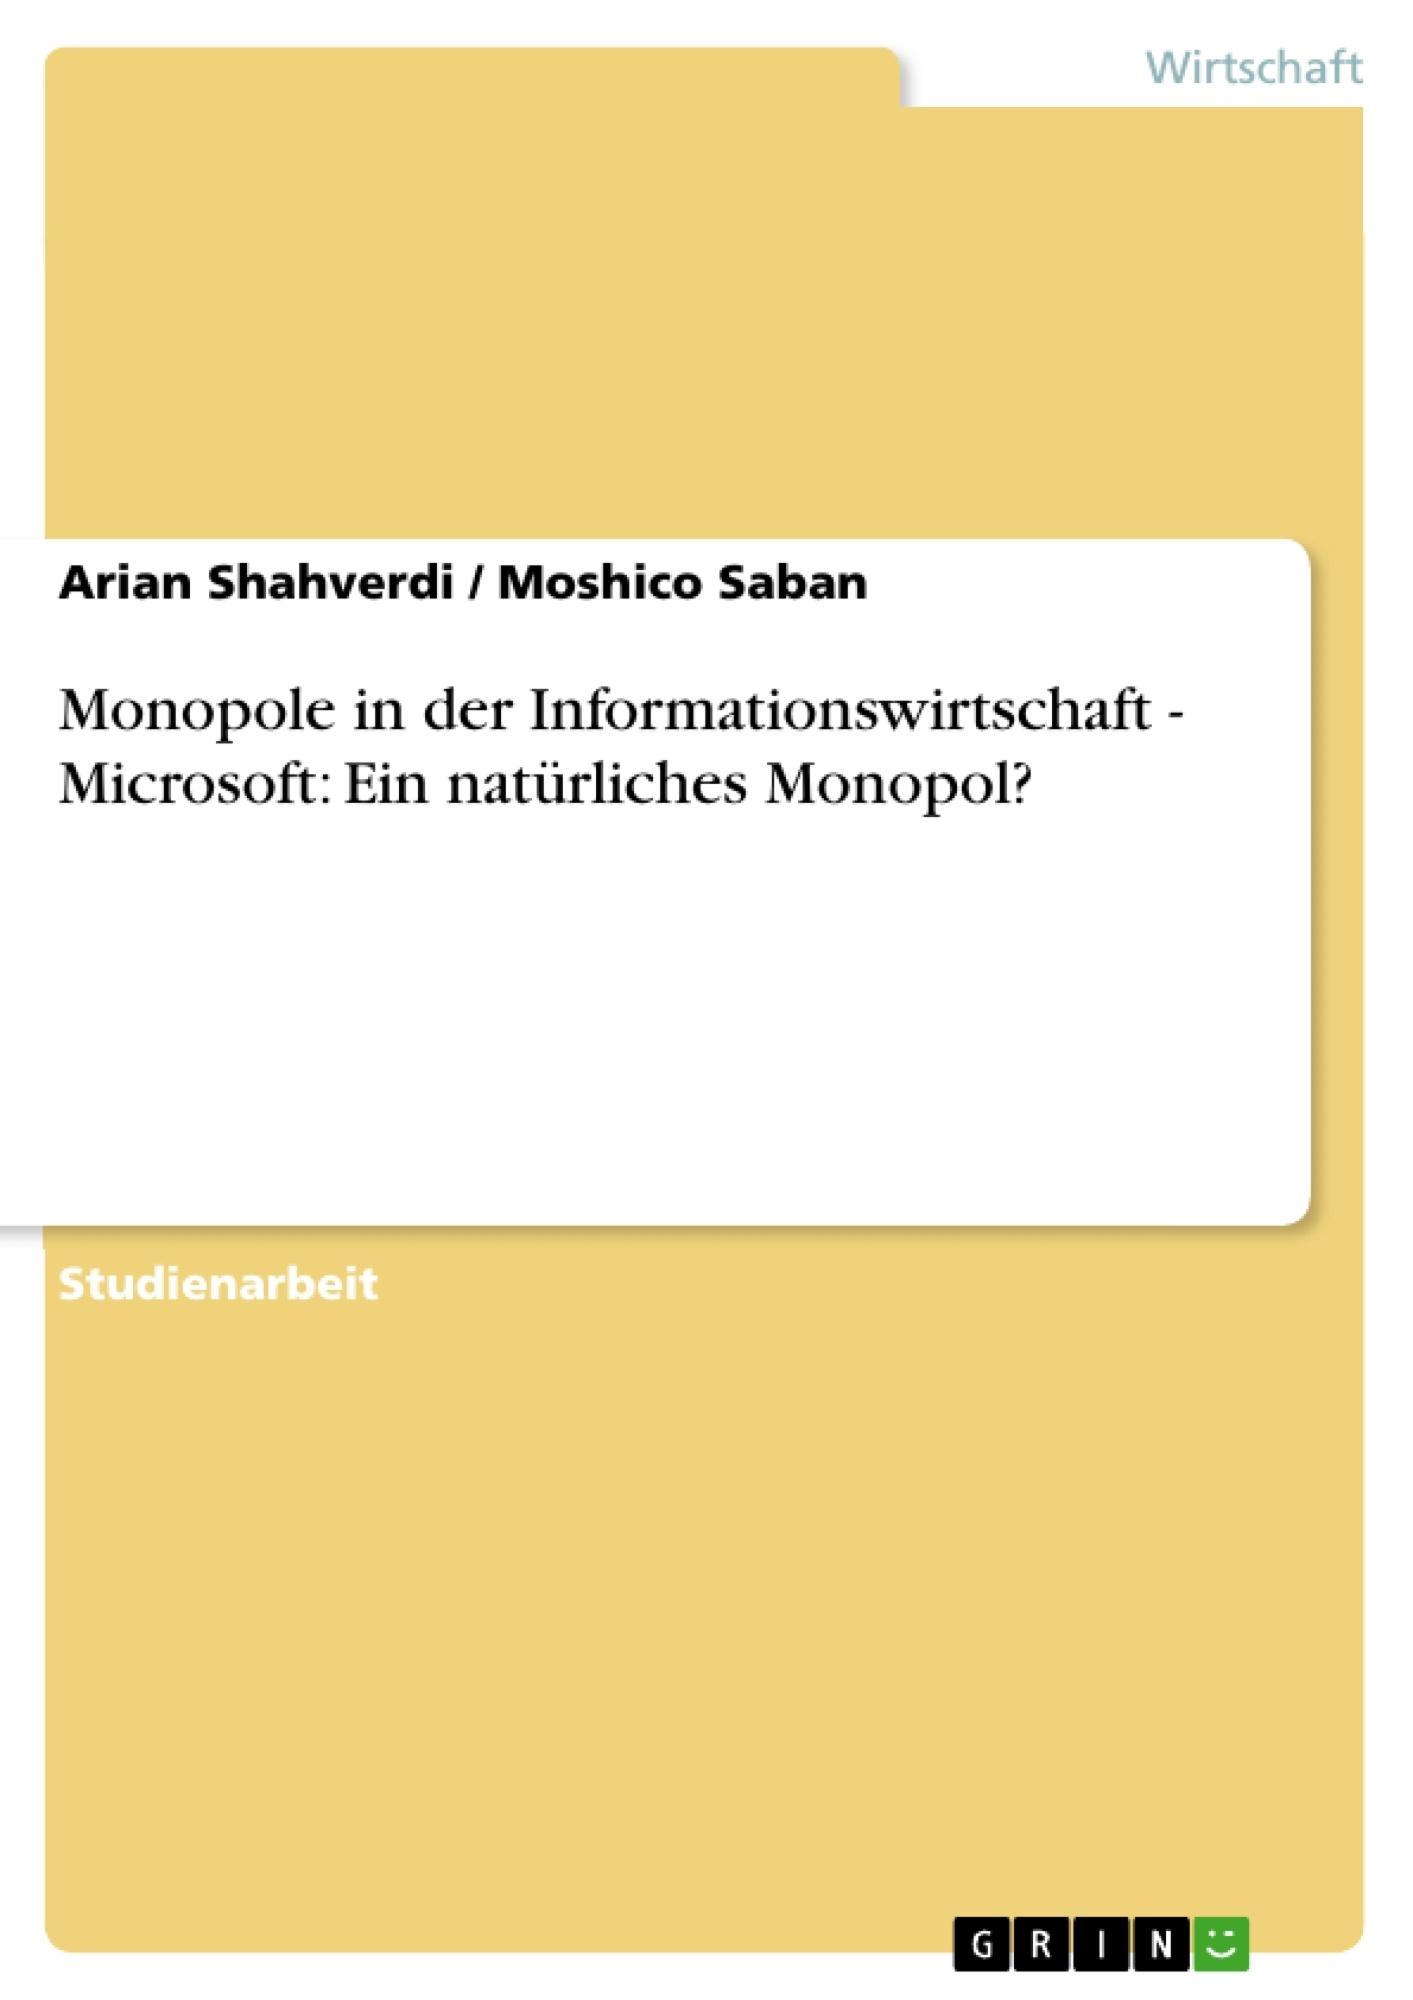 Titel: Monopole in der Informationswirtschaft - Microsoft: Ein natürliches Monopol?